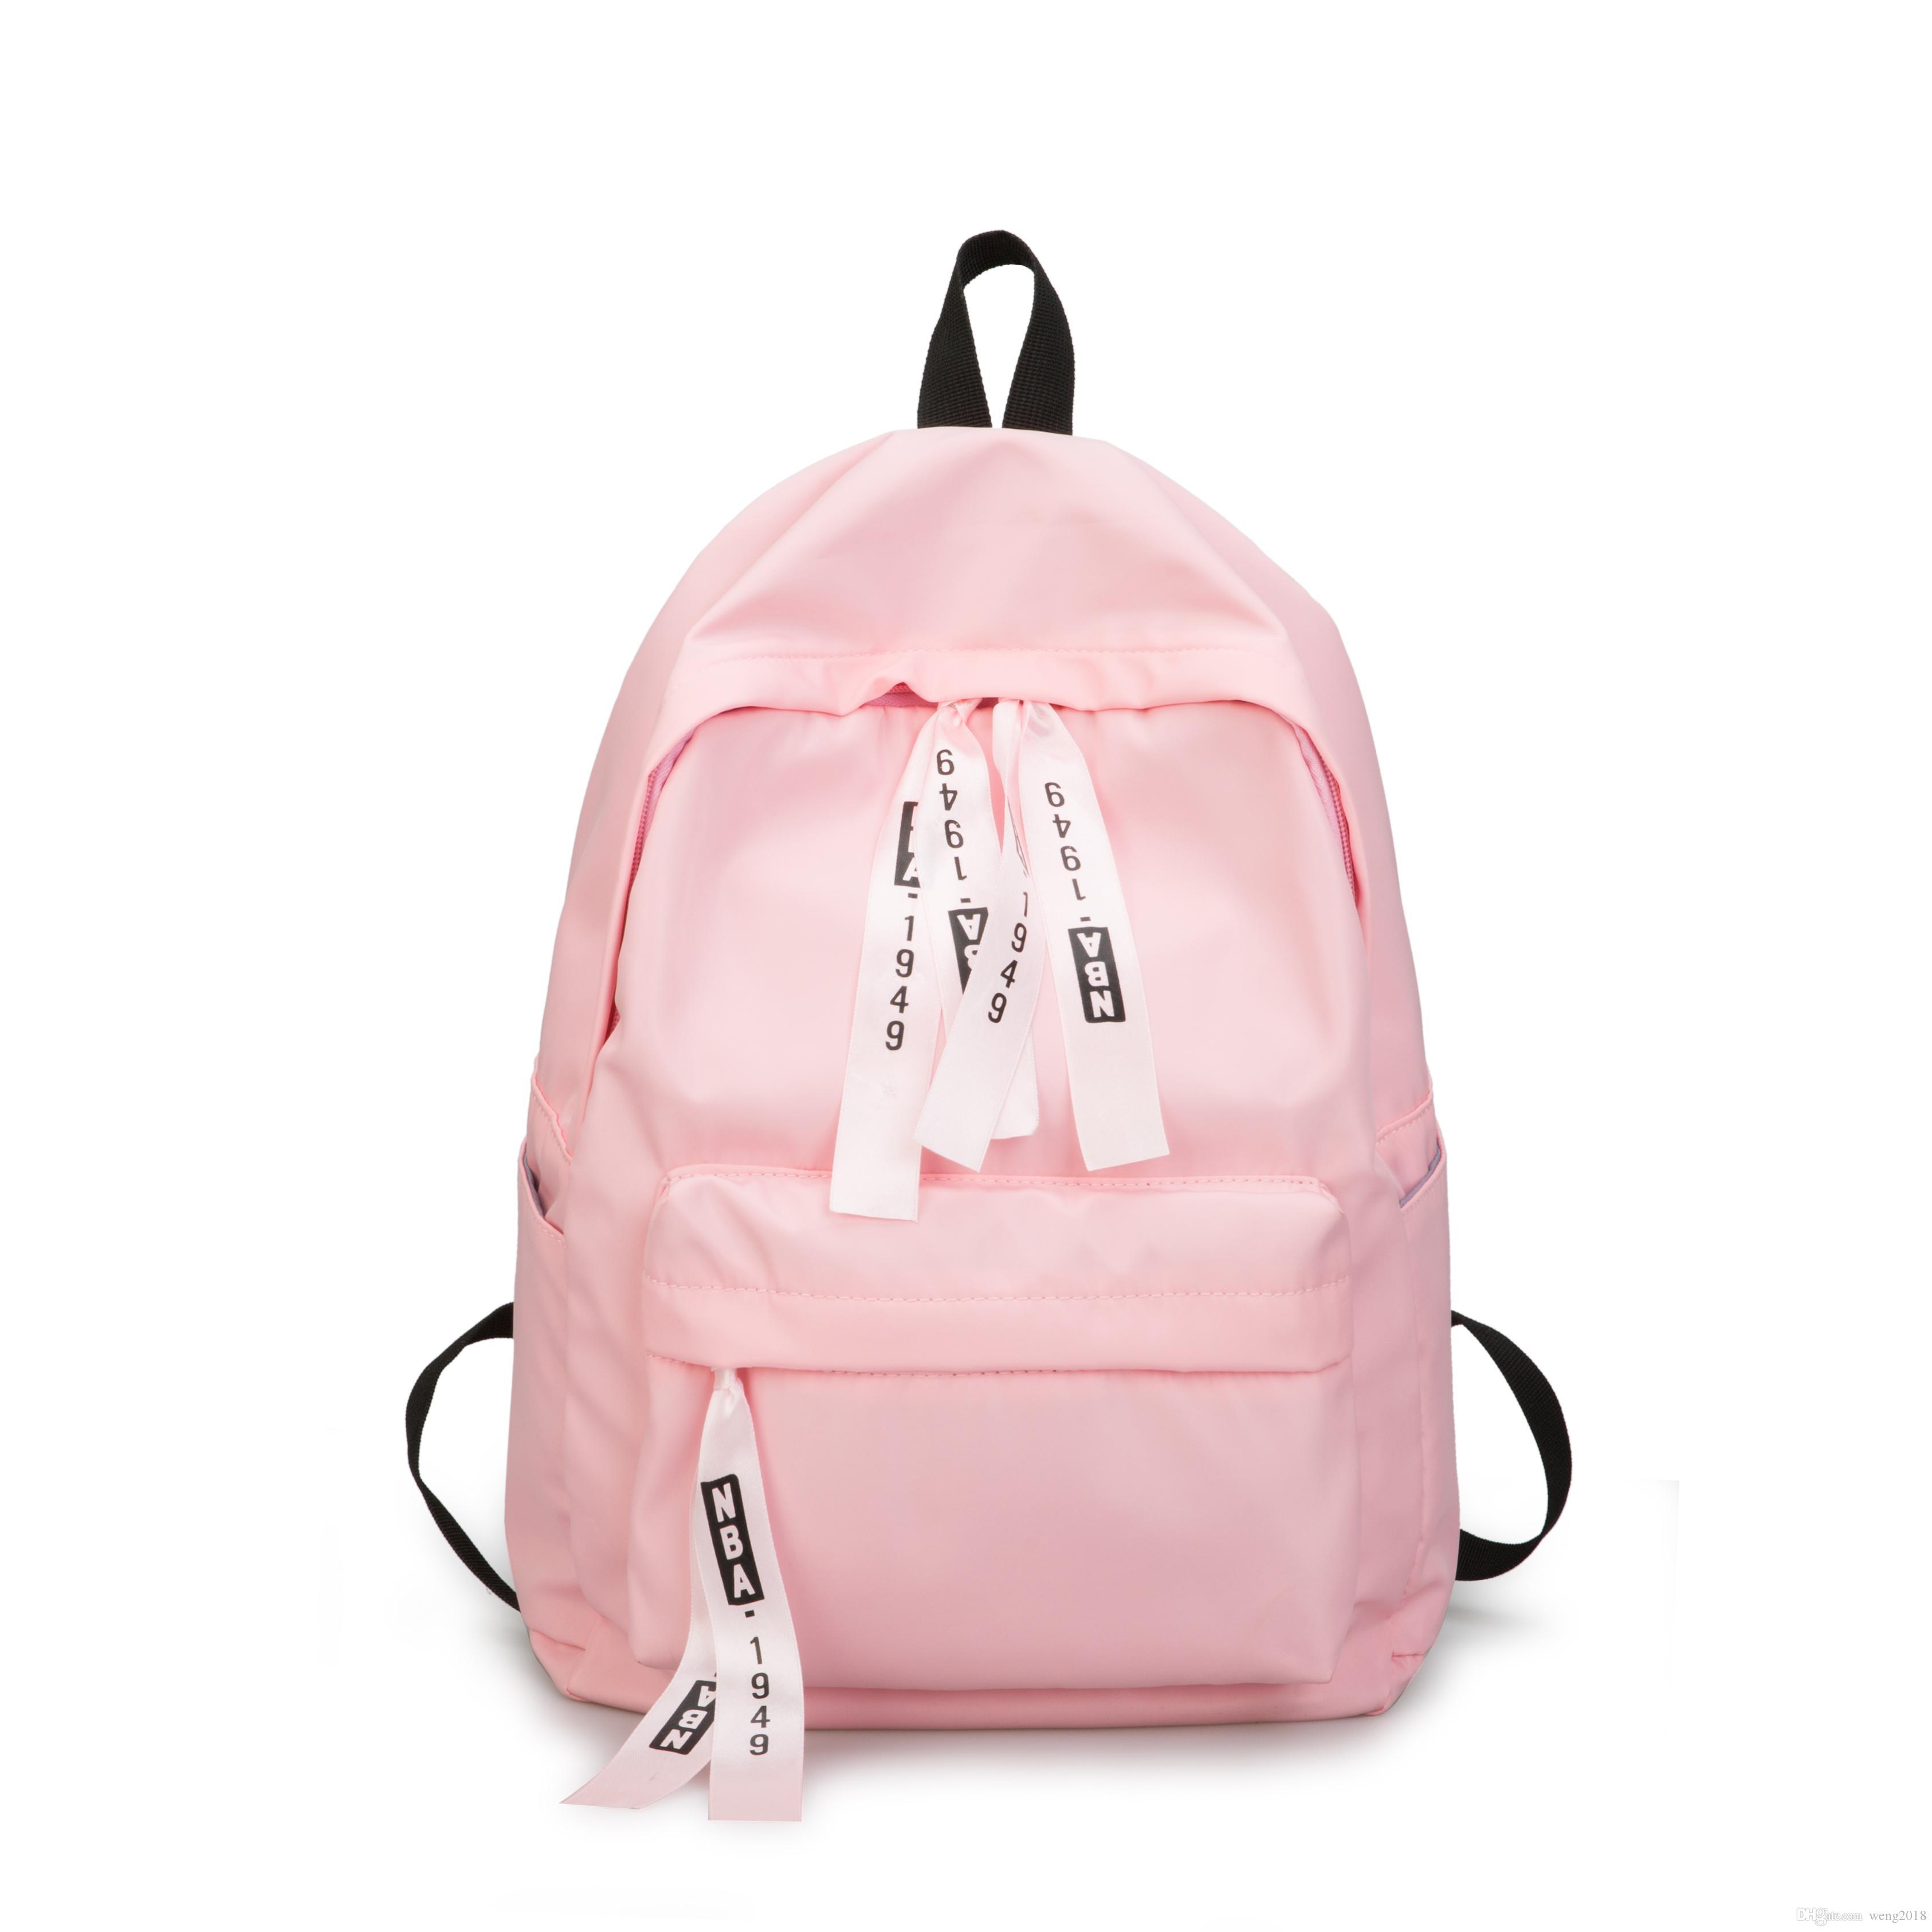 4b9ee68e36f New Canvas Shoulder Bag Vintage Sense Girl Ins Student Campus Bag Korea  Chic Sen Korean Fashion Bag Made In China Best Backpack Designer Backpacks  From ...